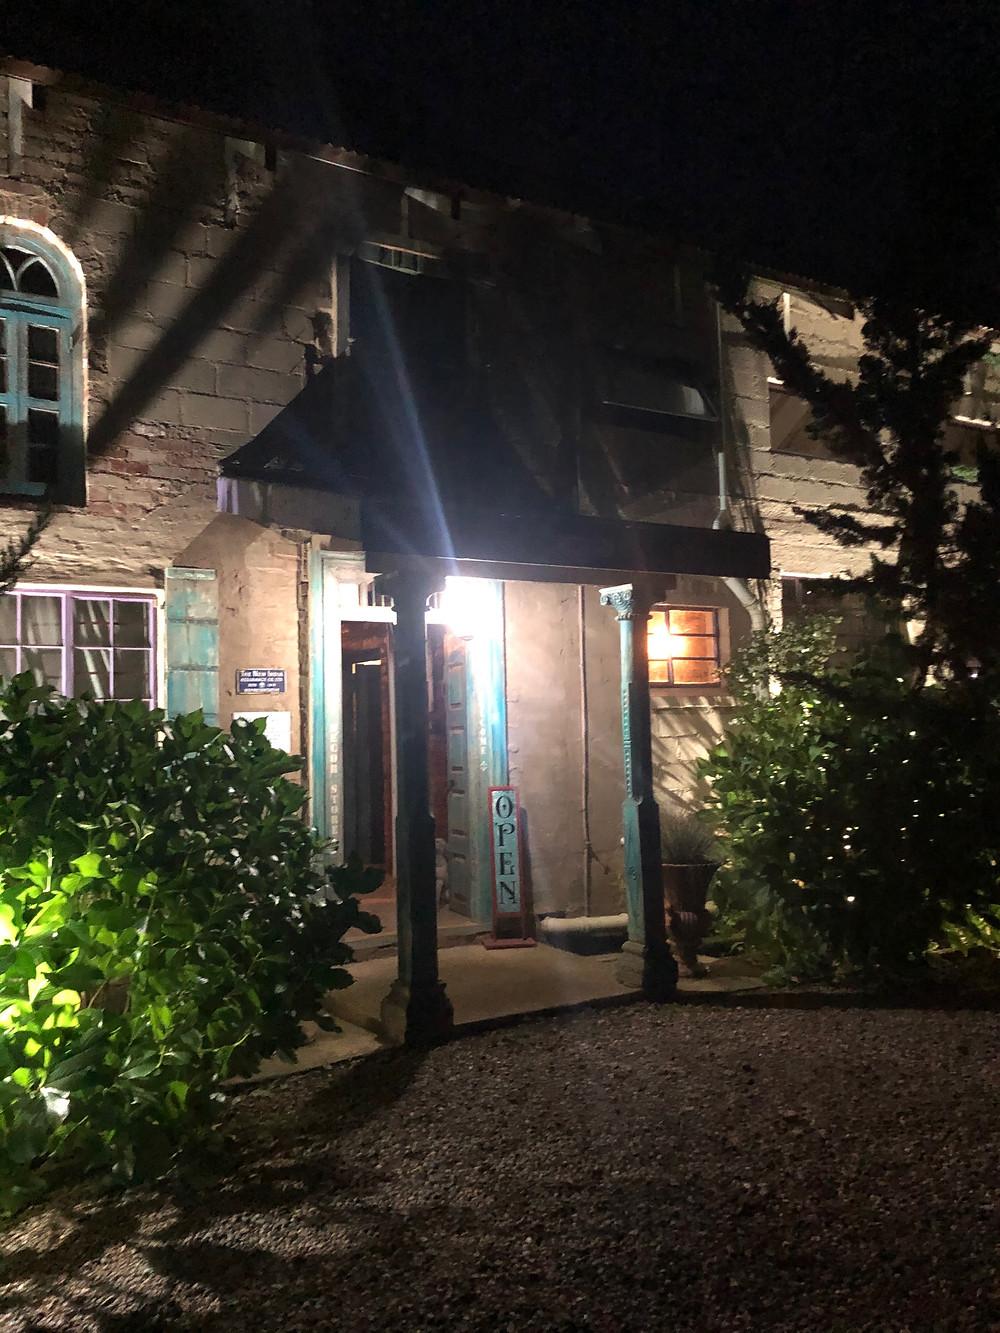 Midlands, Midlands Meander, Crystal Barn Country Estate, hotel entrance, covered entrance, light